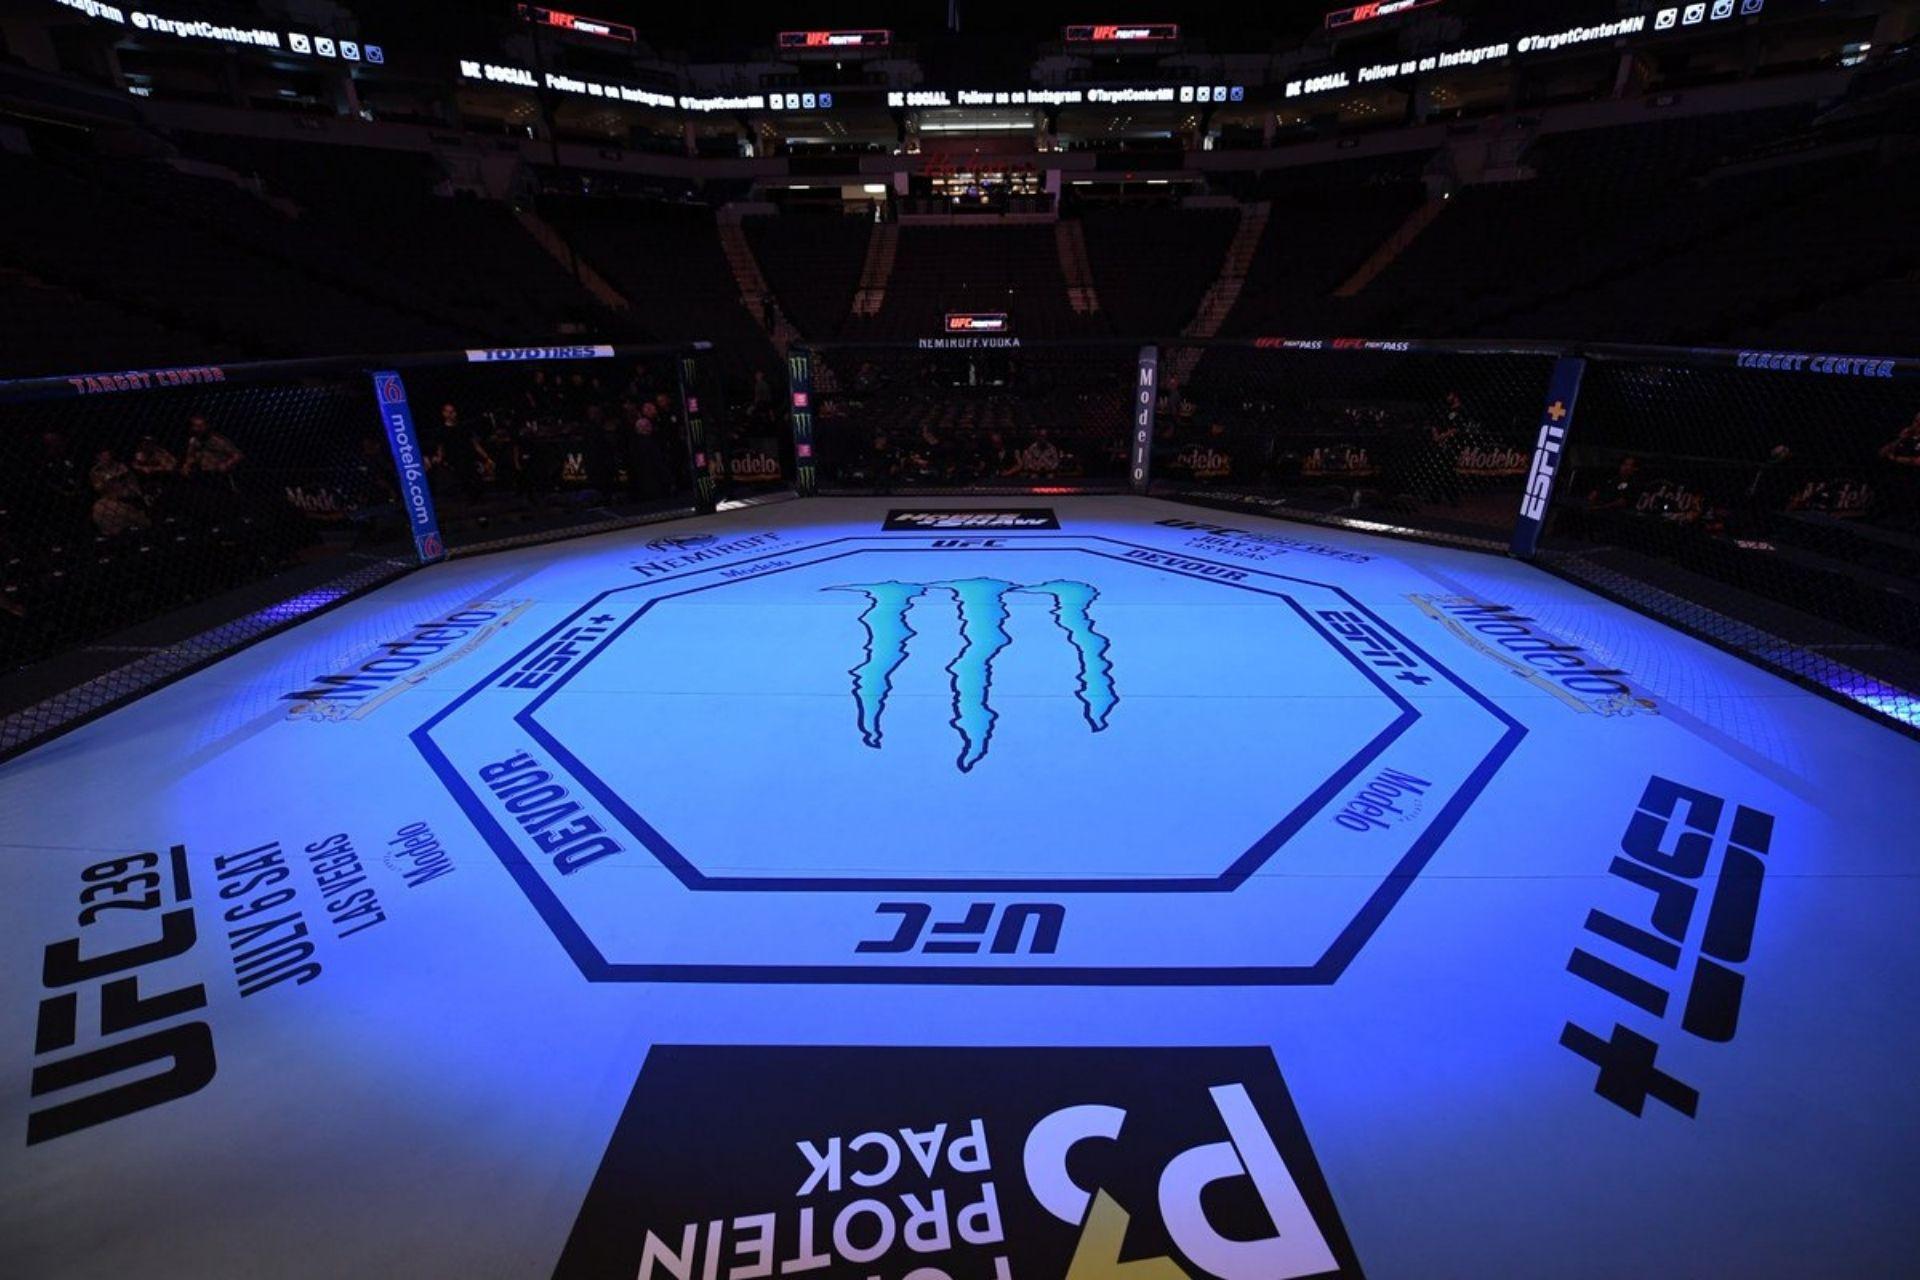 Intercambio Cryptocom se convierte en socio oficial de criptomonedas y patrocinante de la UFC